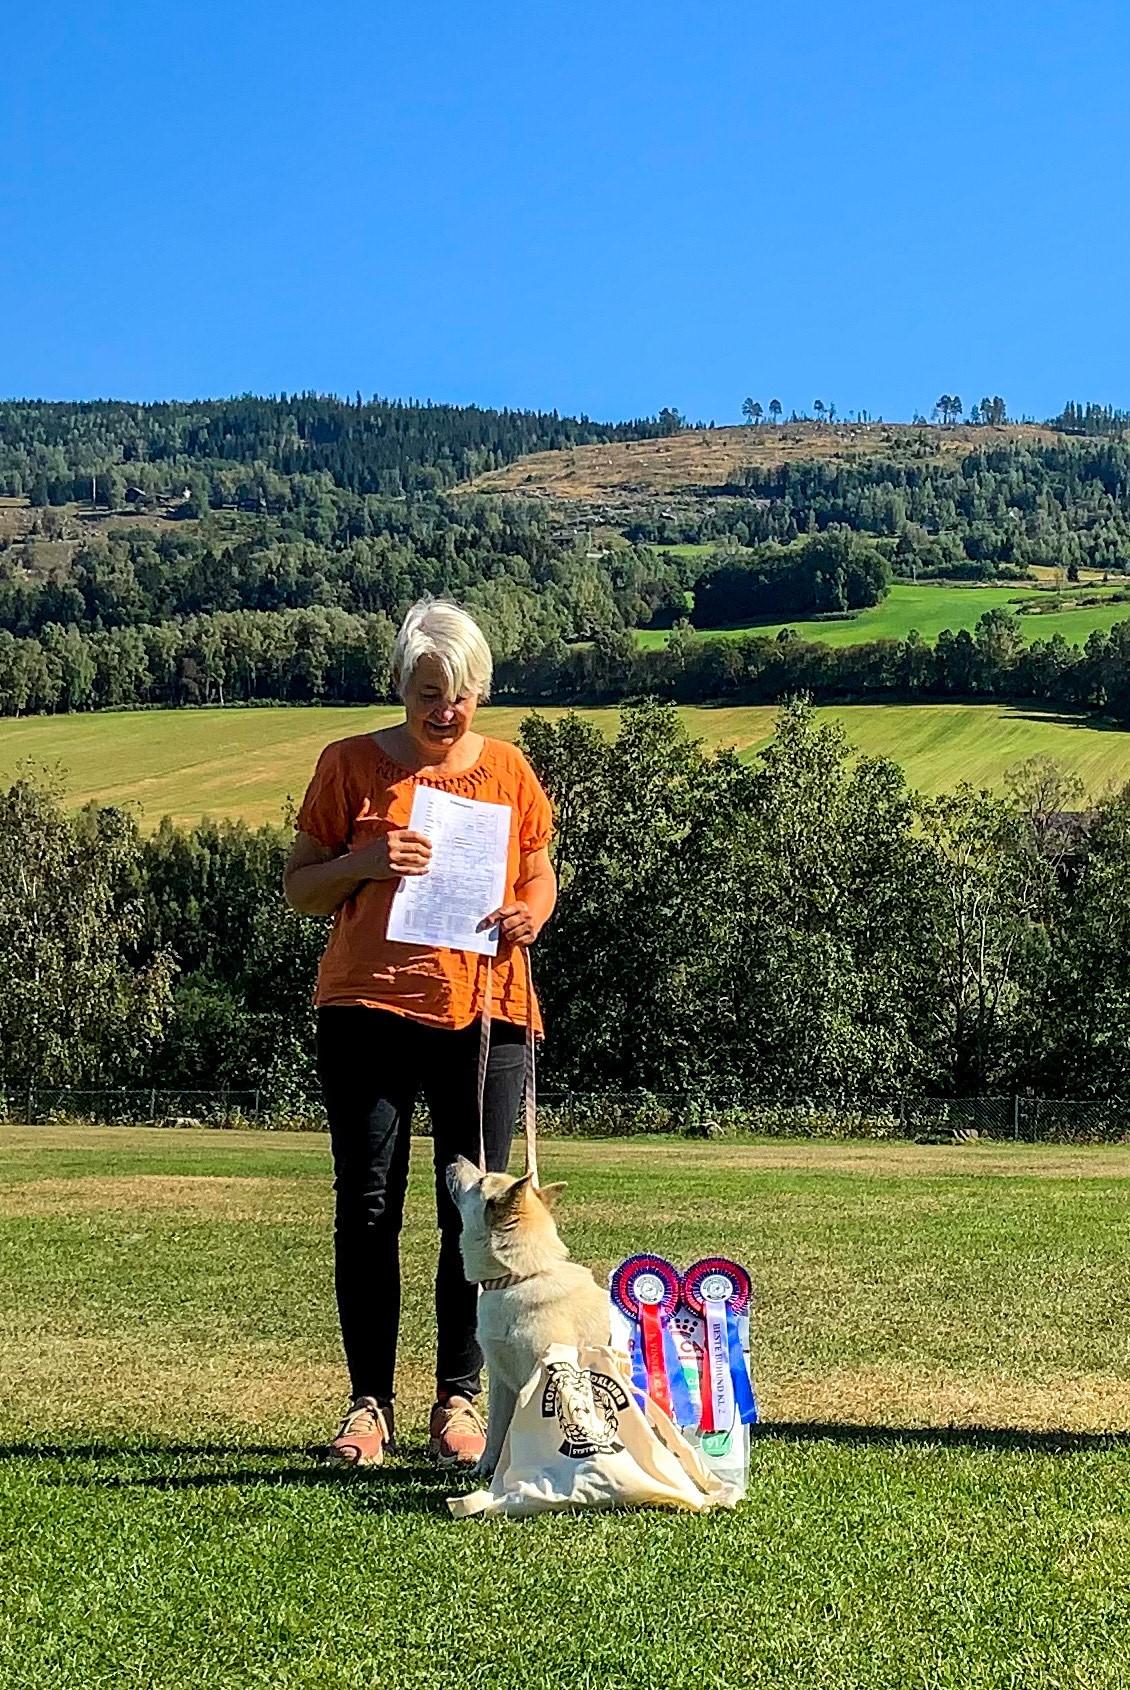 Beste buhund klasse 2: Kirsten og Elli (Skaubo's Elli)